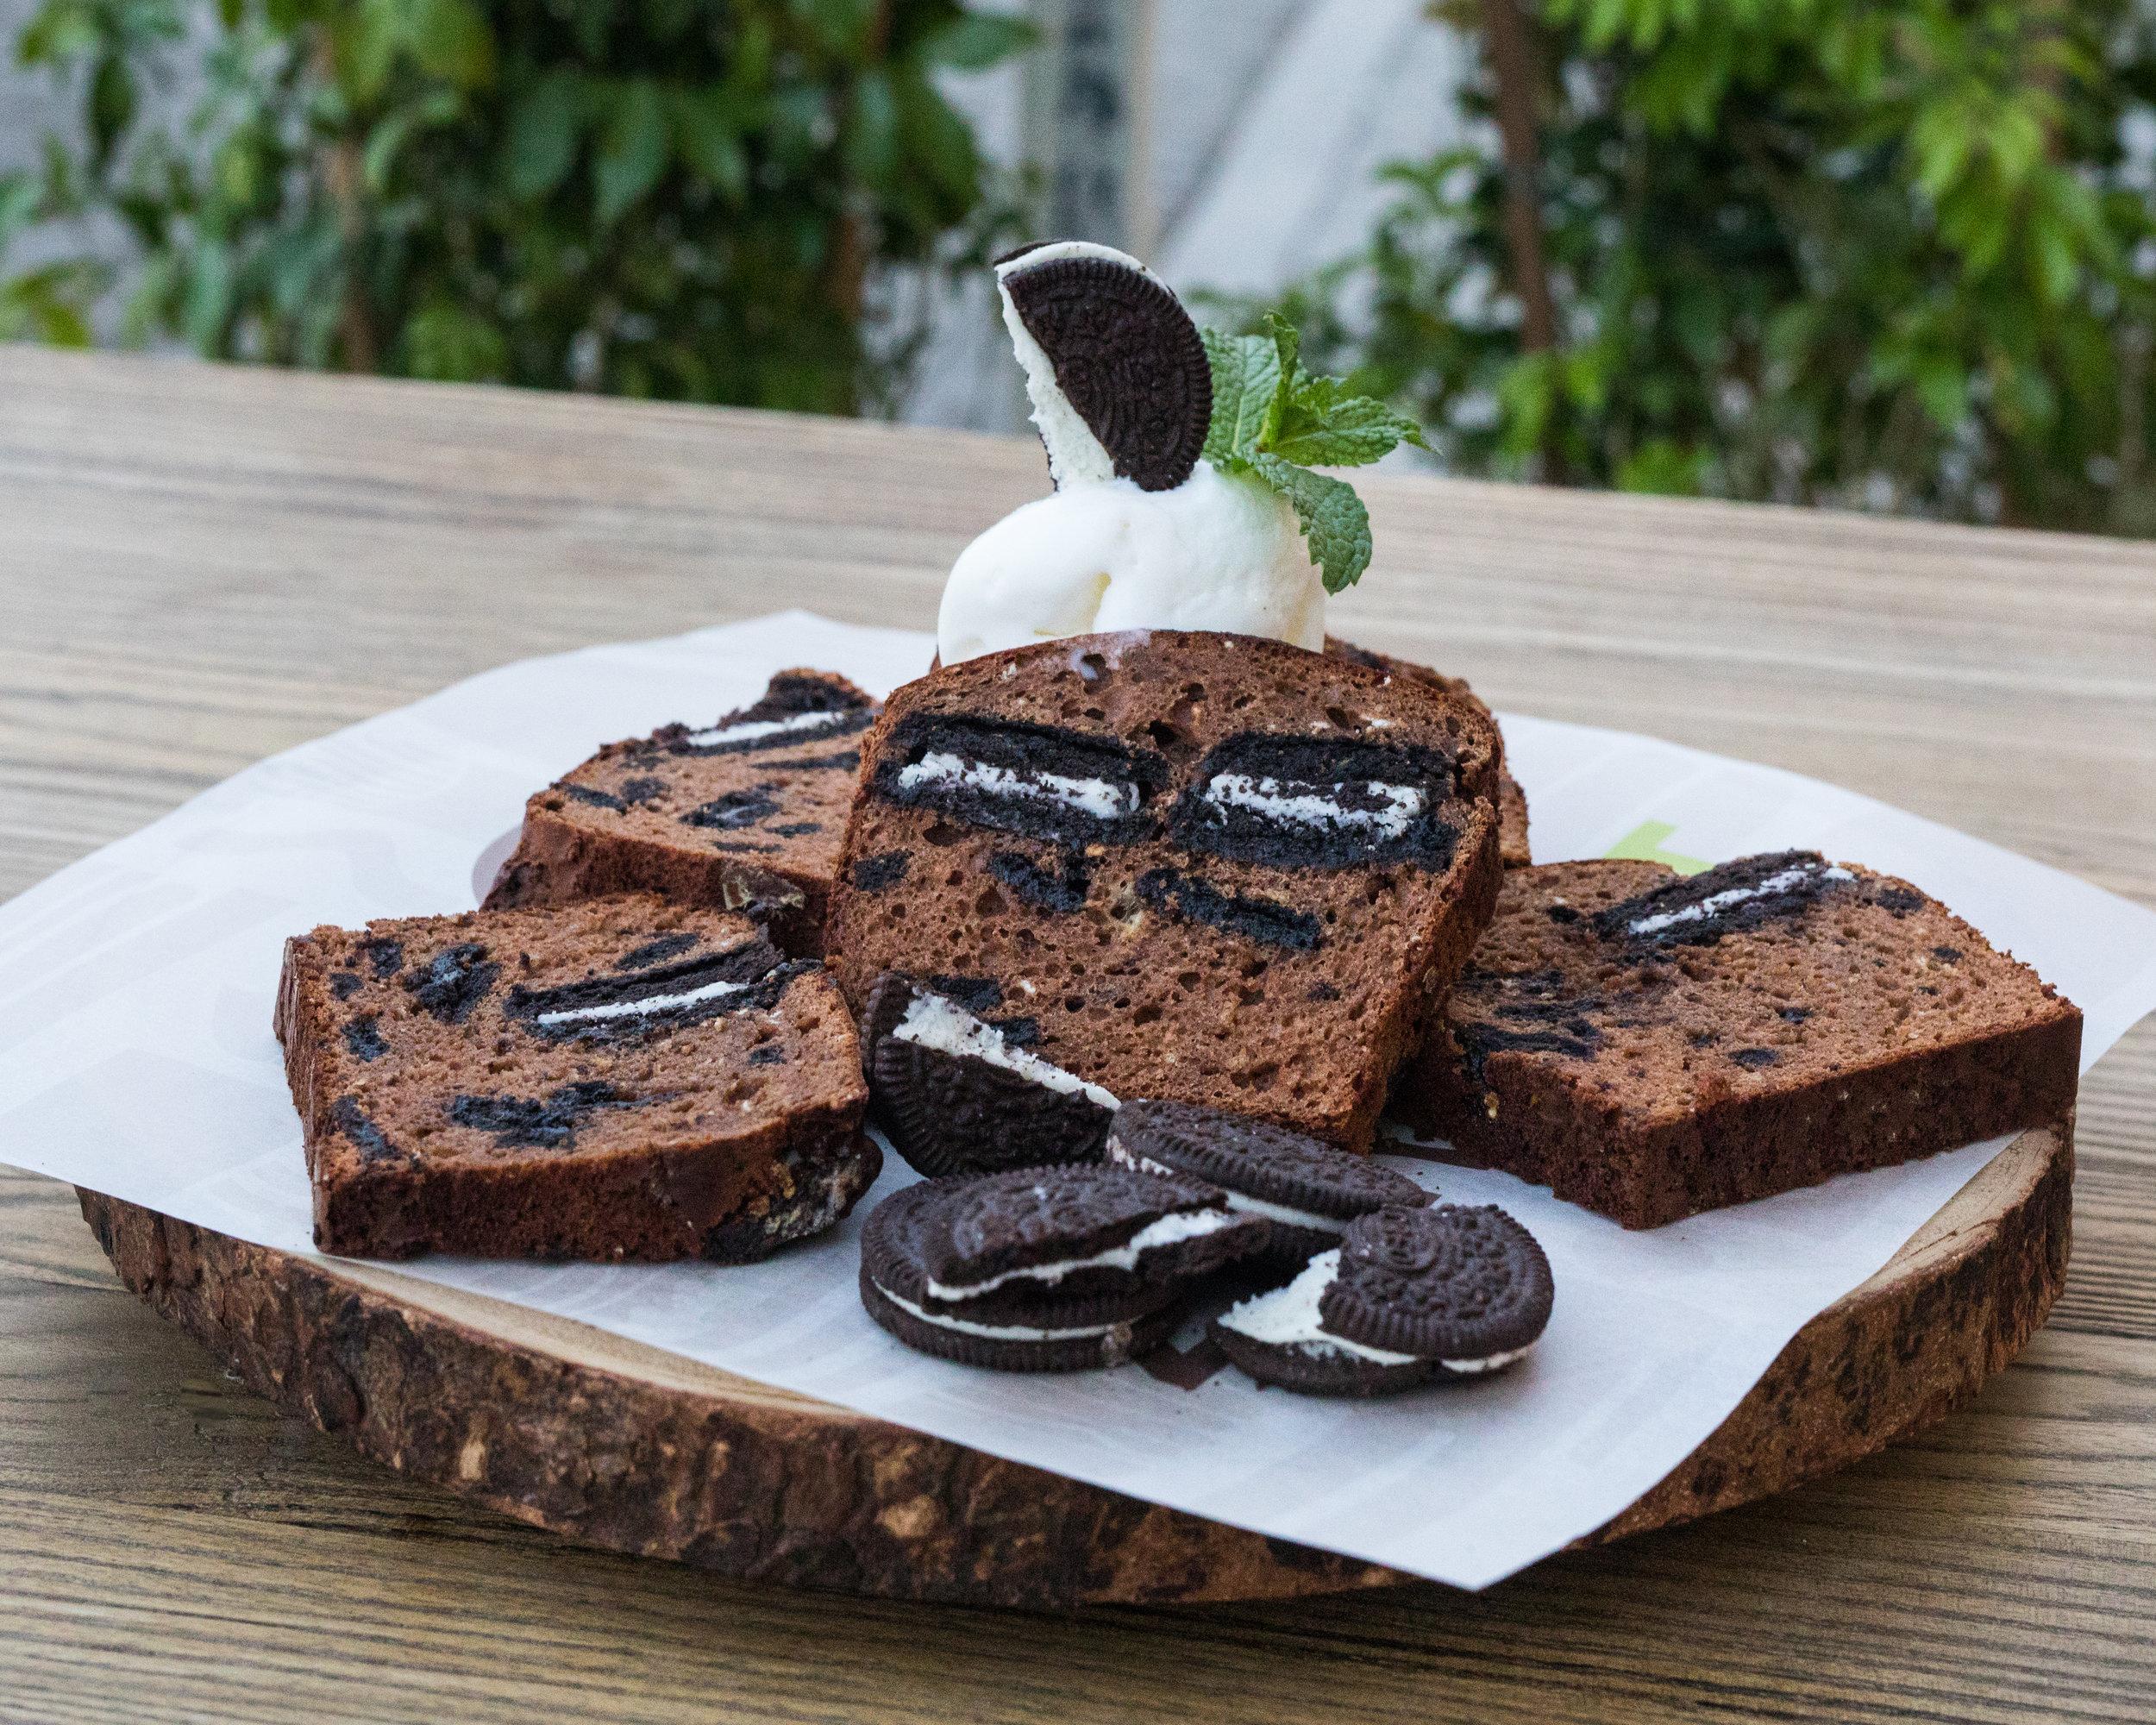 OREO ICE CREAM CAKE52.jpg